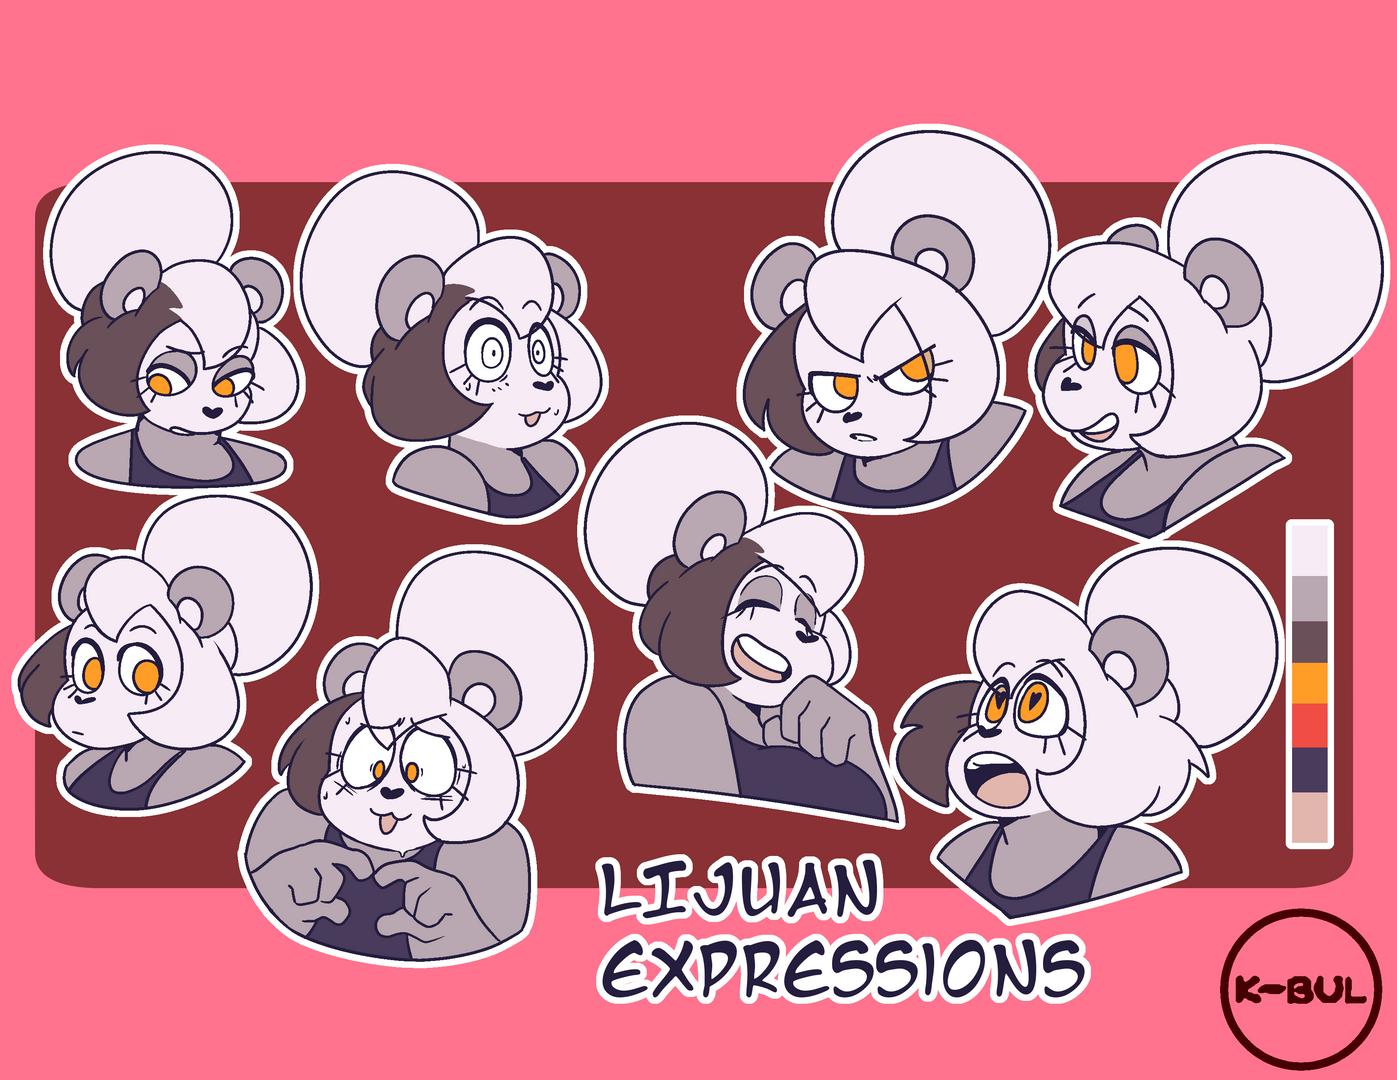 Lijuan Expressions (2018)